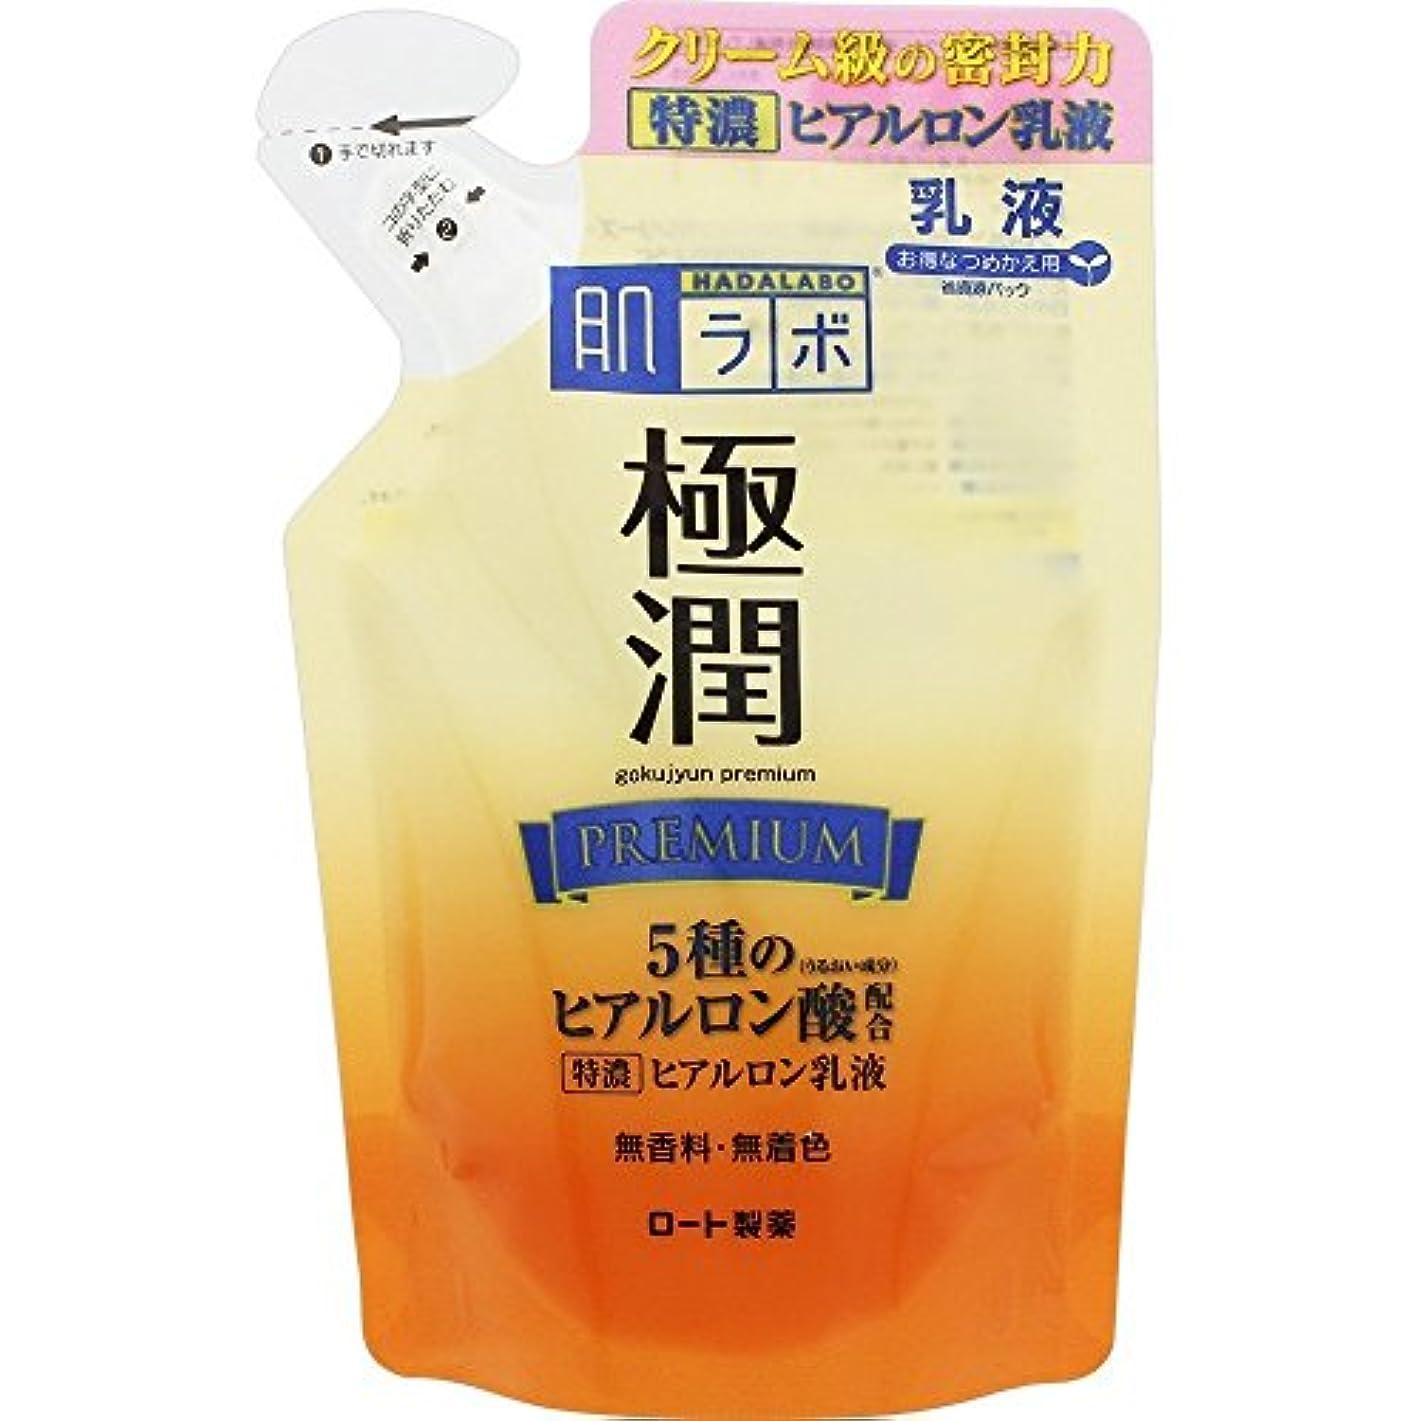 拡散する繕うオーナー肌ラボ 極潤プレミアム ヒアルロン乳液 <つめかえ用> 140mL